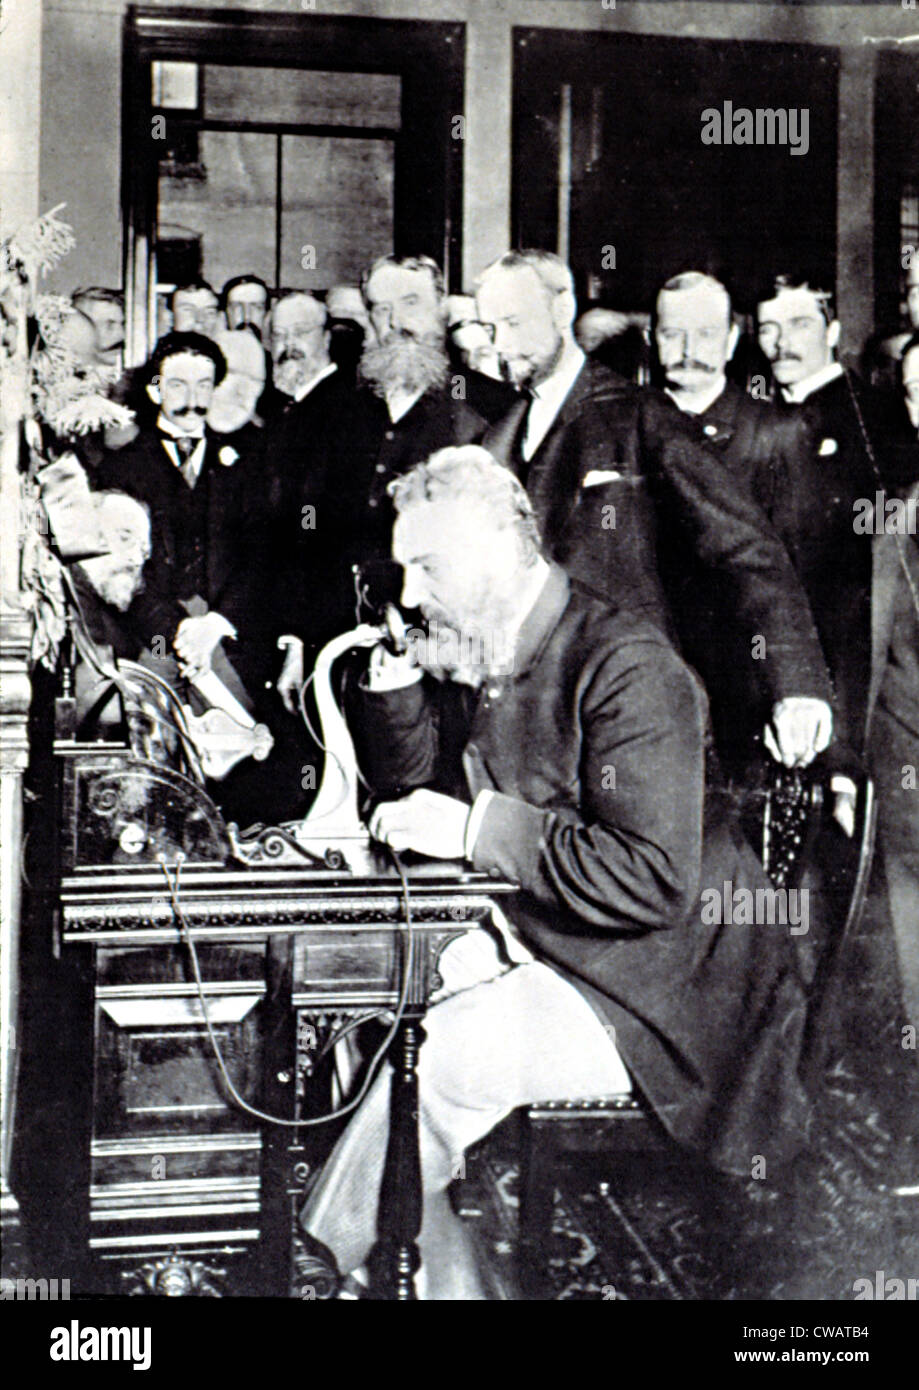 ALEXANDER Graham Bell, dimostrare come effettuare una chiamata telefonica in New York, 12 marzo 1876. Bell è parlando Foto Stock